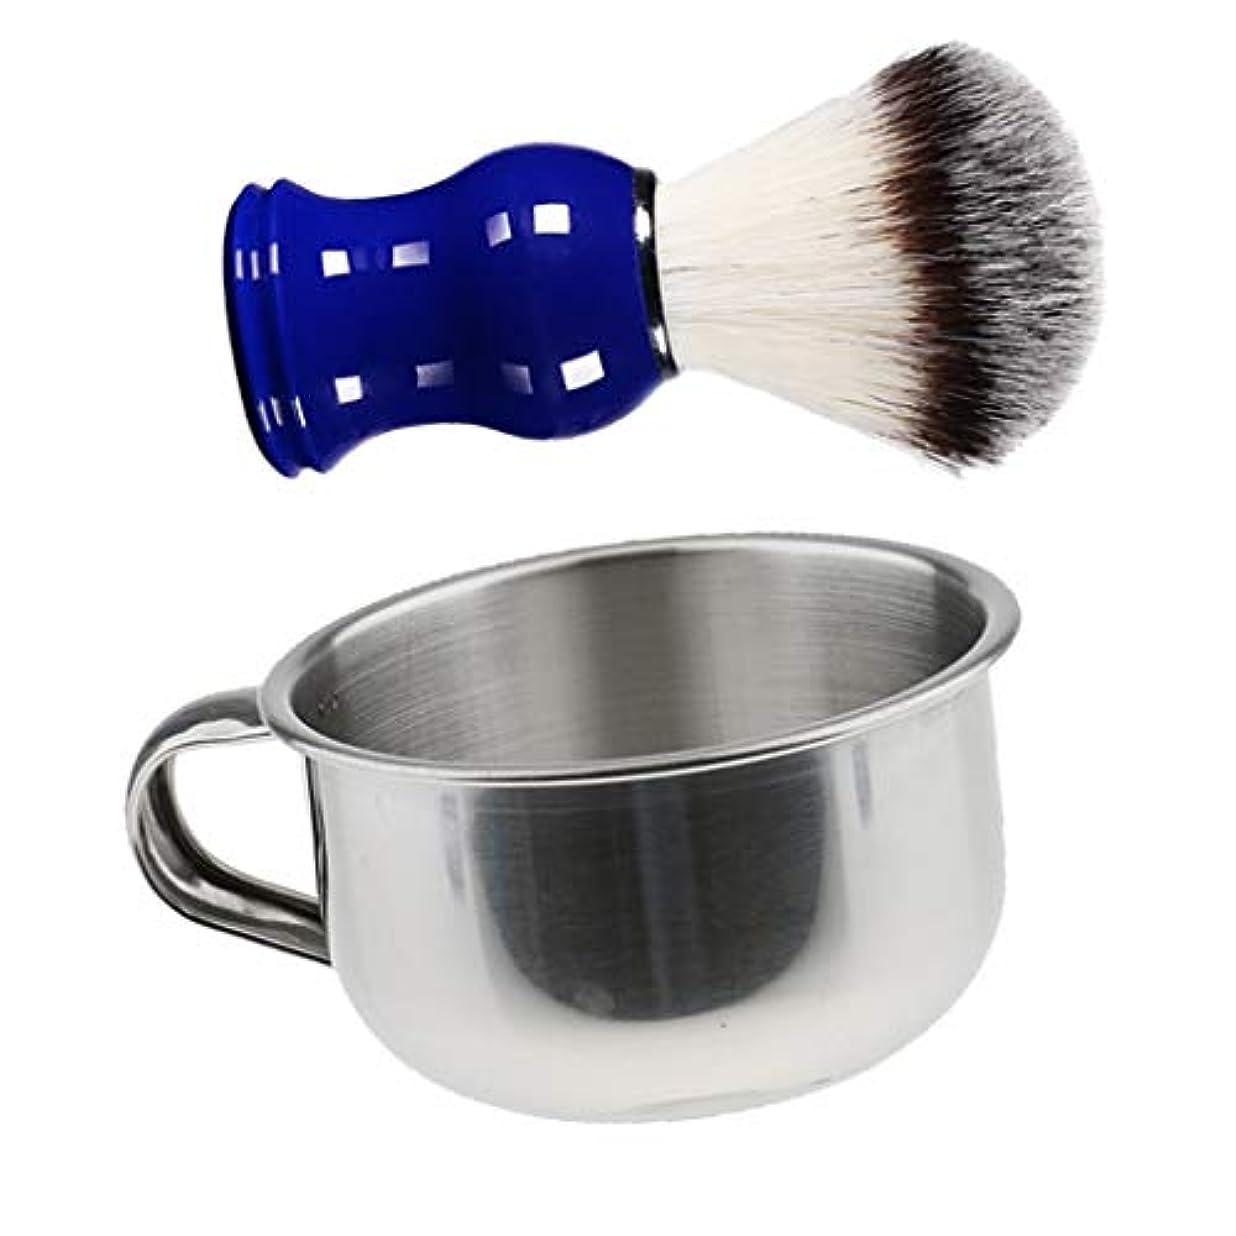 いたずらなアトミックマーチャンダイジングメンズ シェービング マグ ボウル ステンレス製 シェービング用ブラシ 理容 洗顔 髭剃り 贈り物